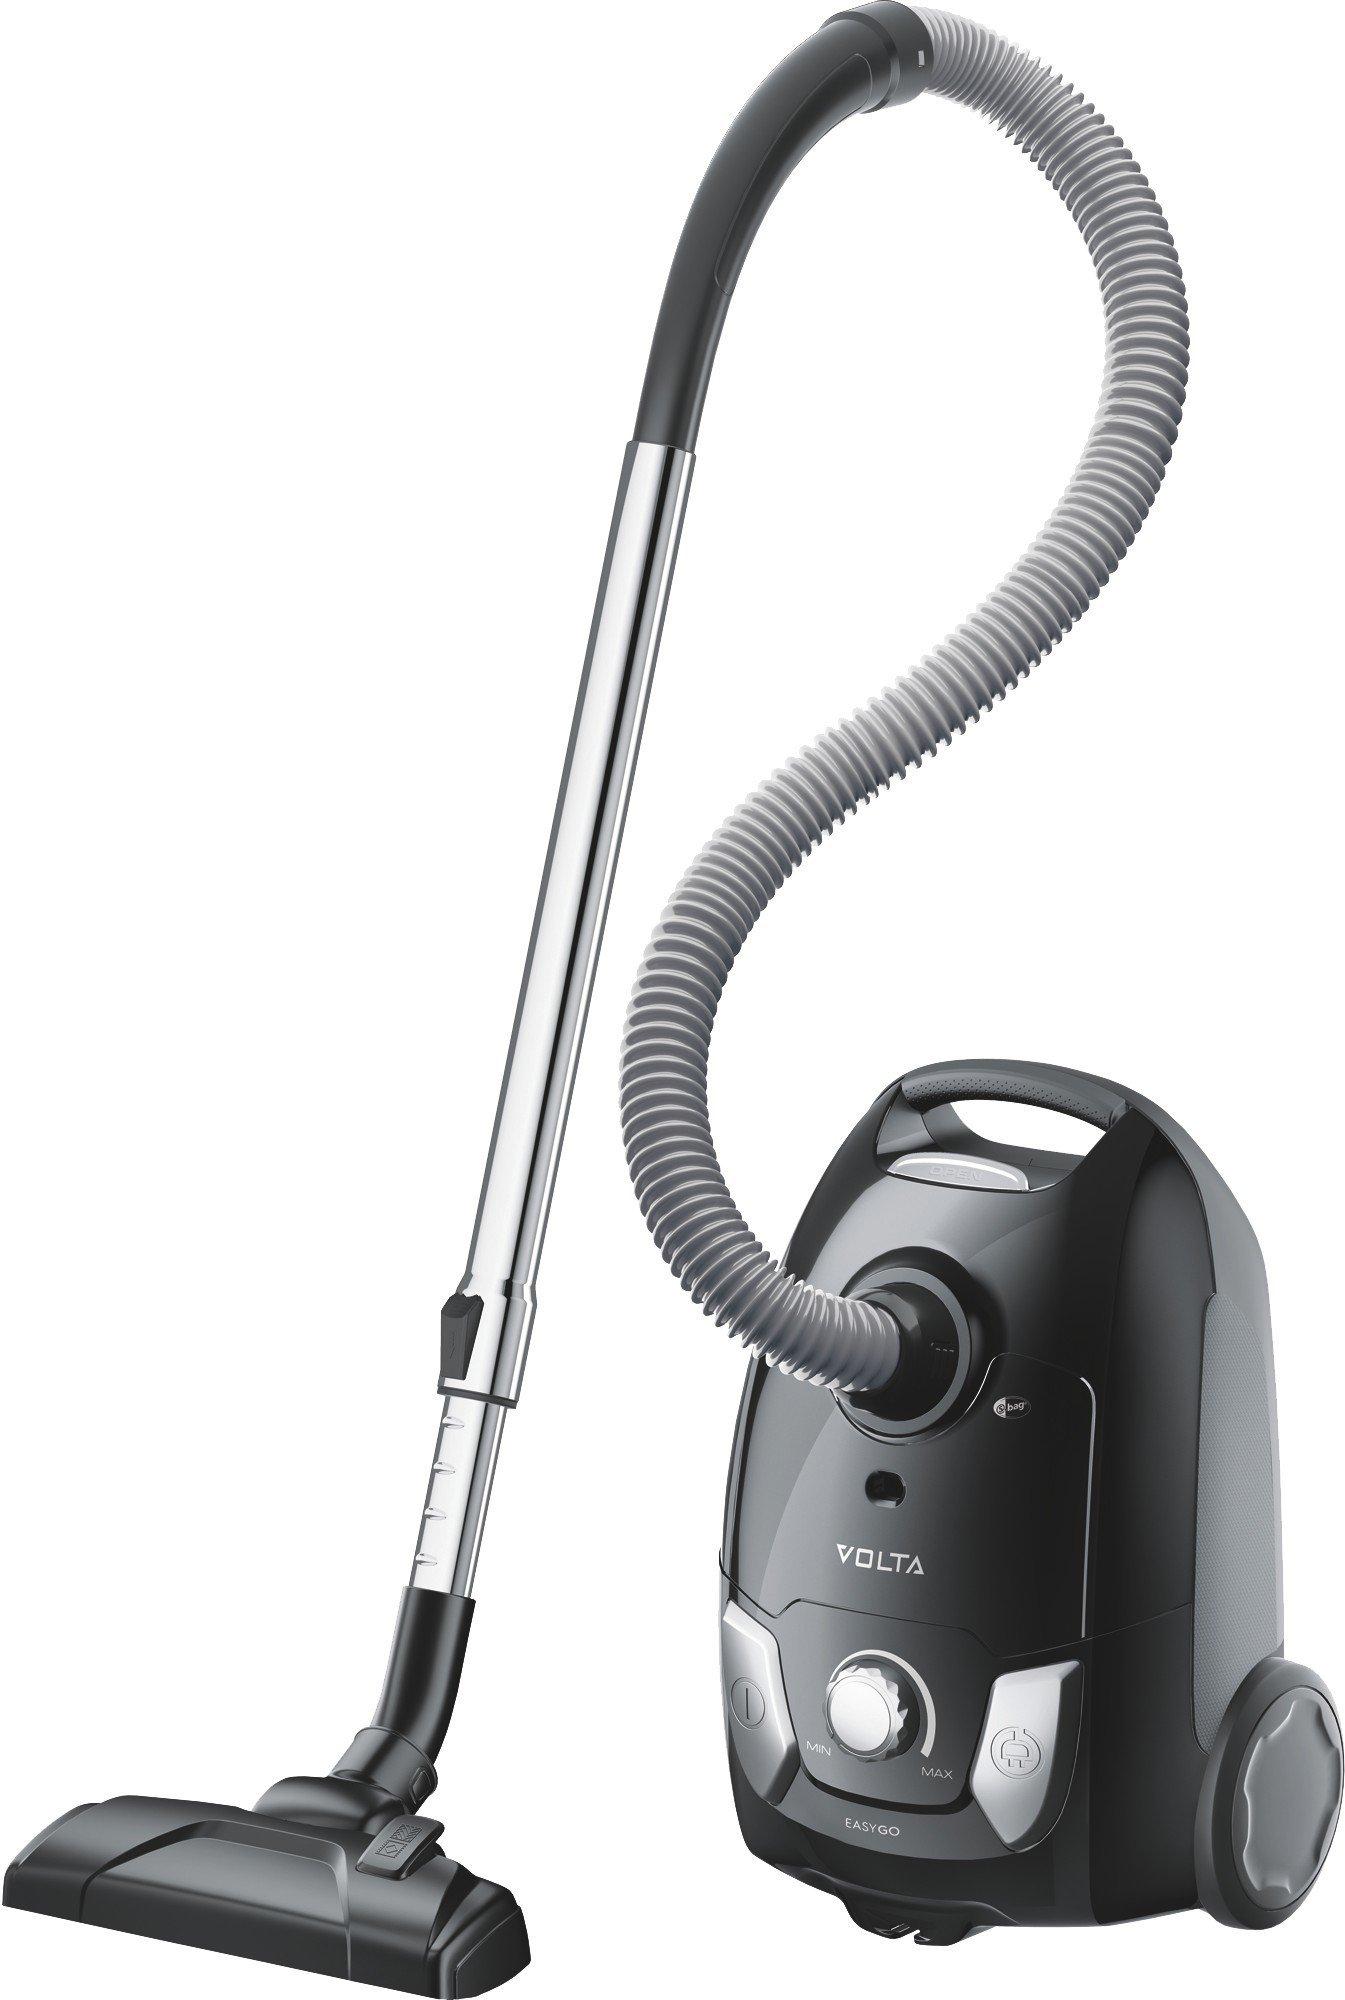 Best pris på Volta støvsuger Se priser før kjøp i Prisguiden